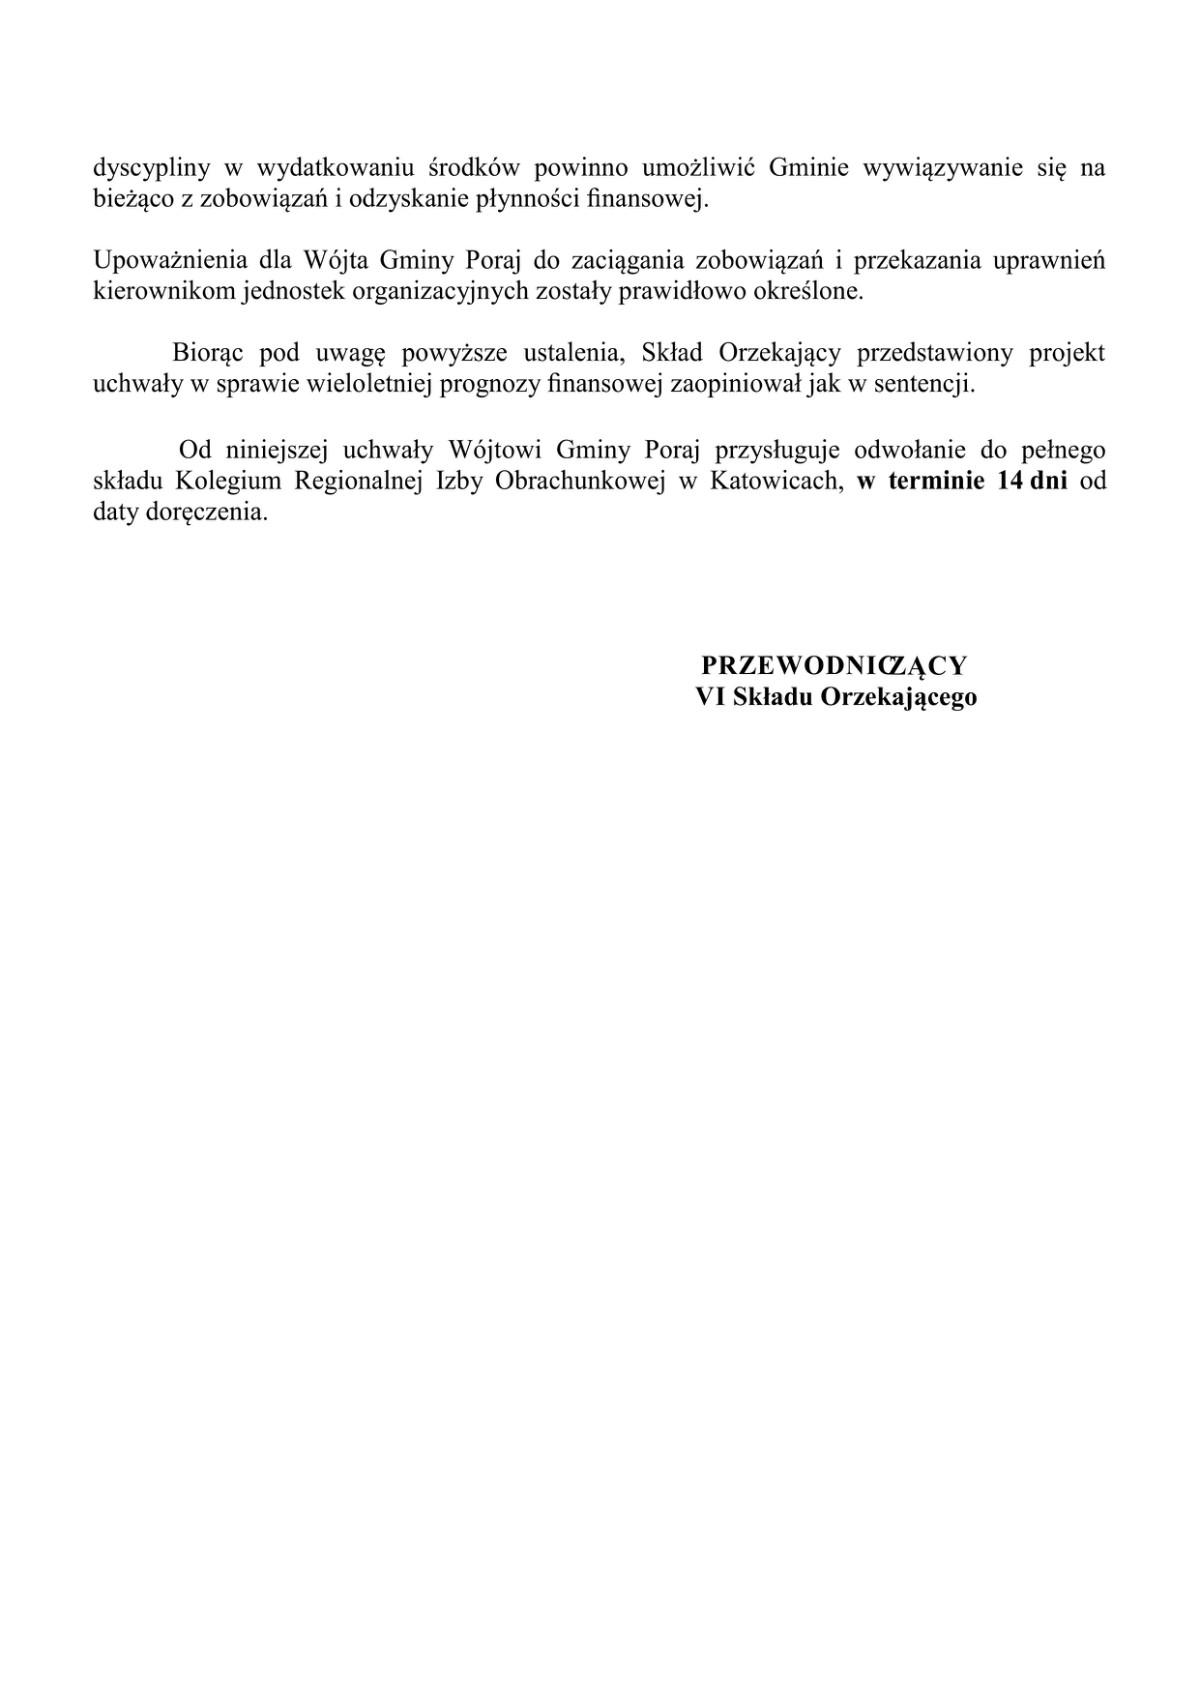 opinia RIO WPF Gmina Poraj